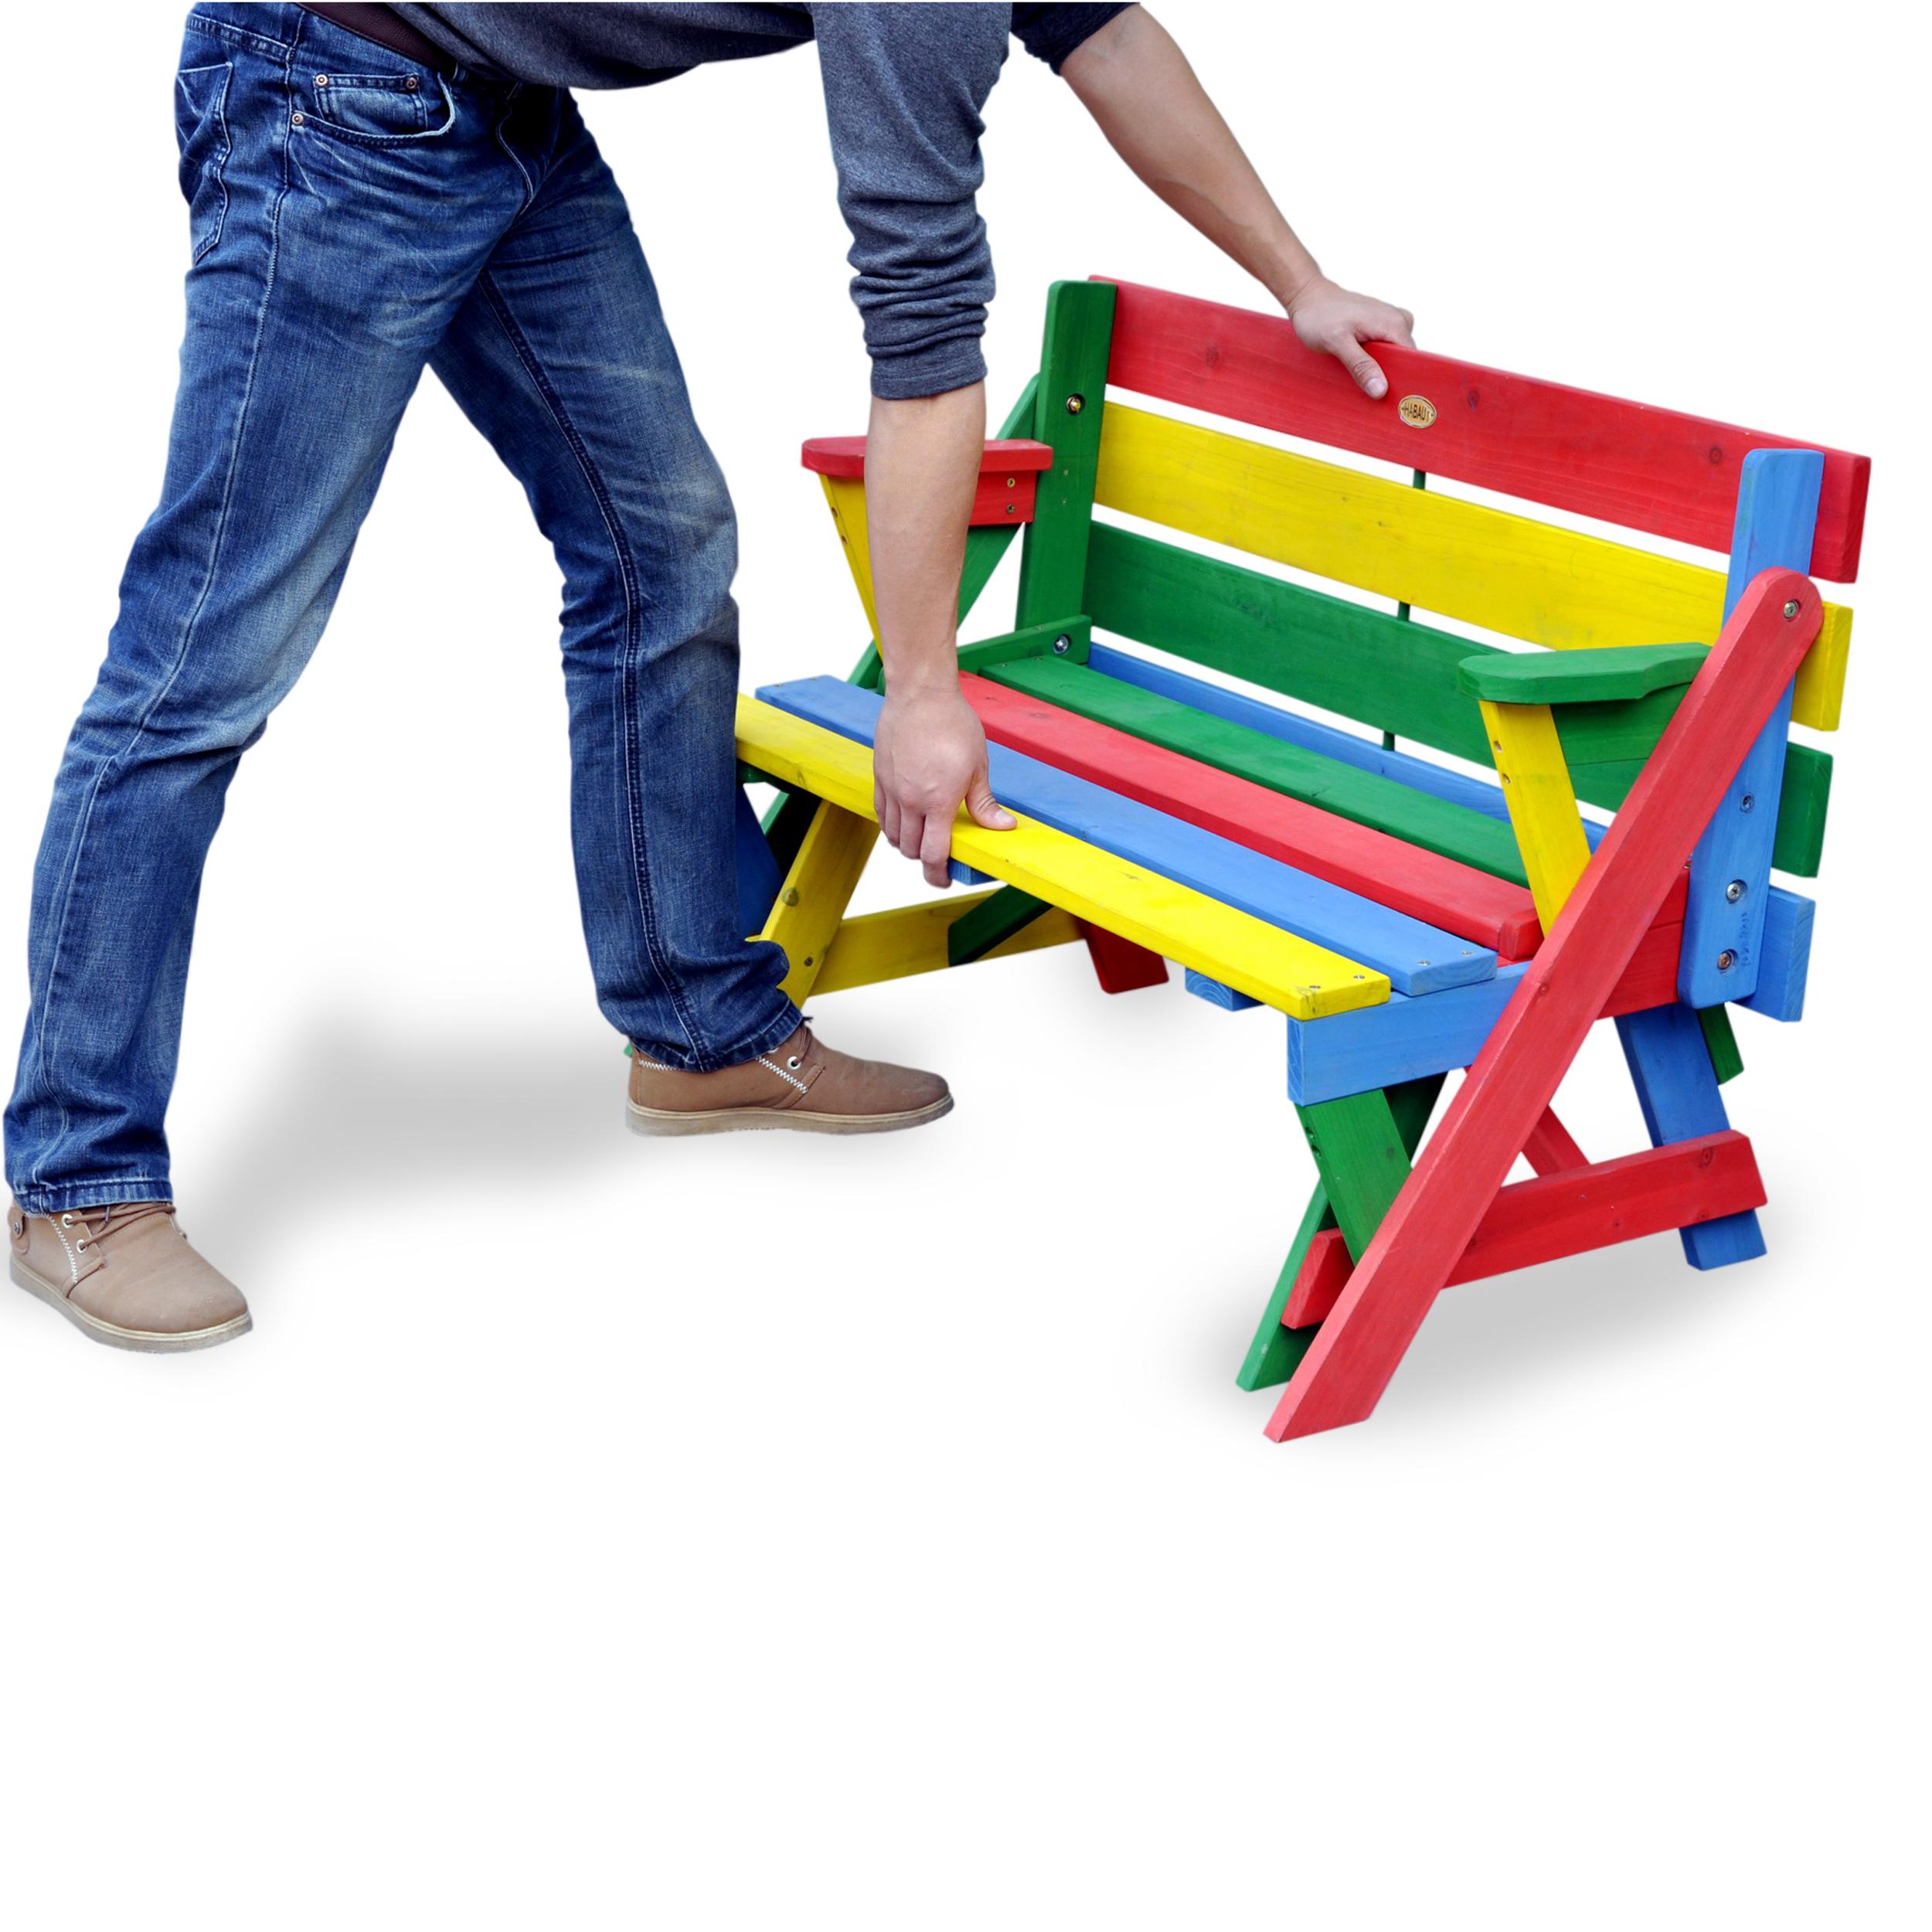 HABAU Kinderpicknickbank in rot, grün, gelb und blau - Anwendungsbeispiel zum Umklappen